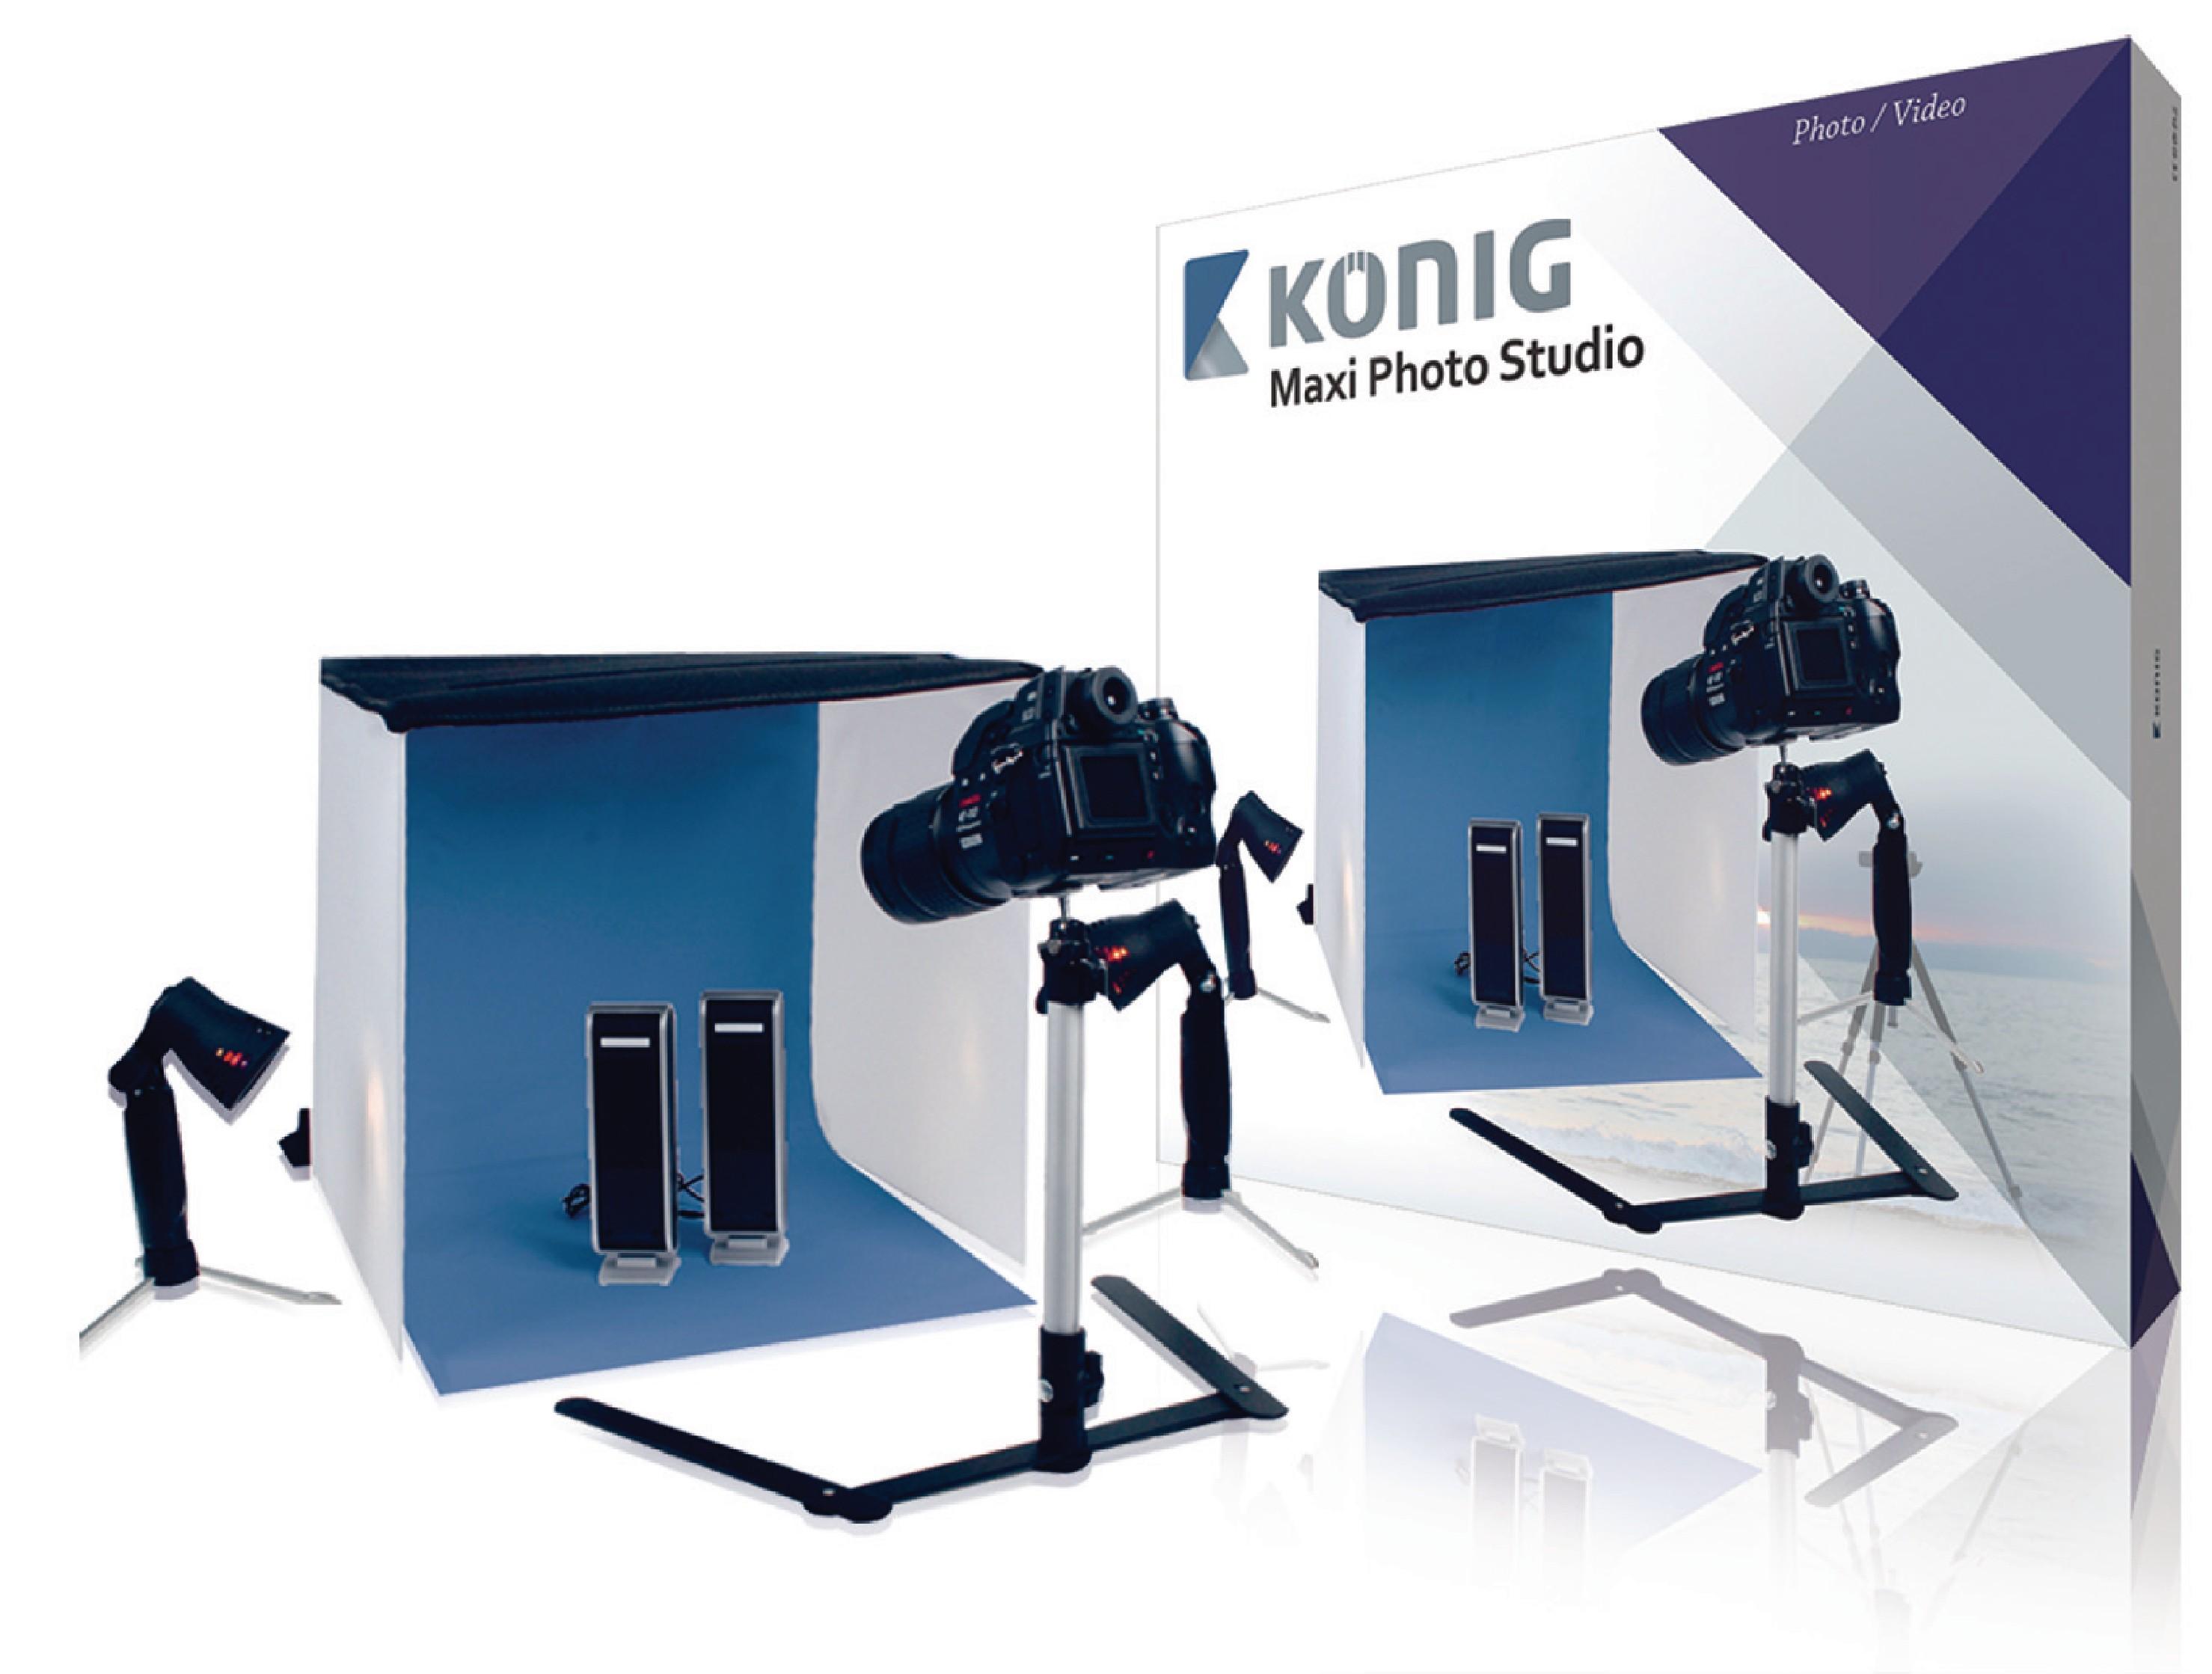 Skládací foto studio König 60 x 60 x 60 cm KN-STUDIO12N